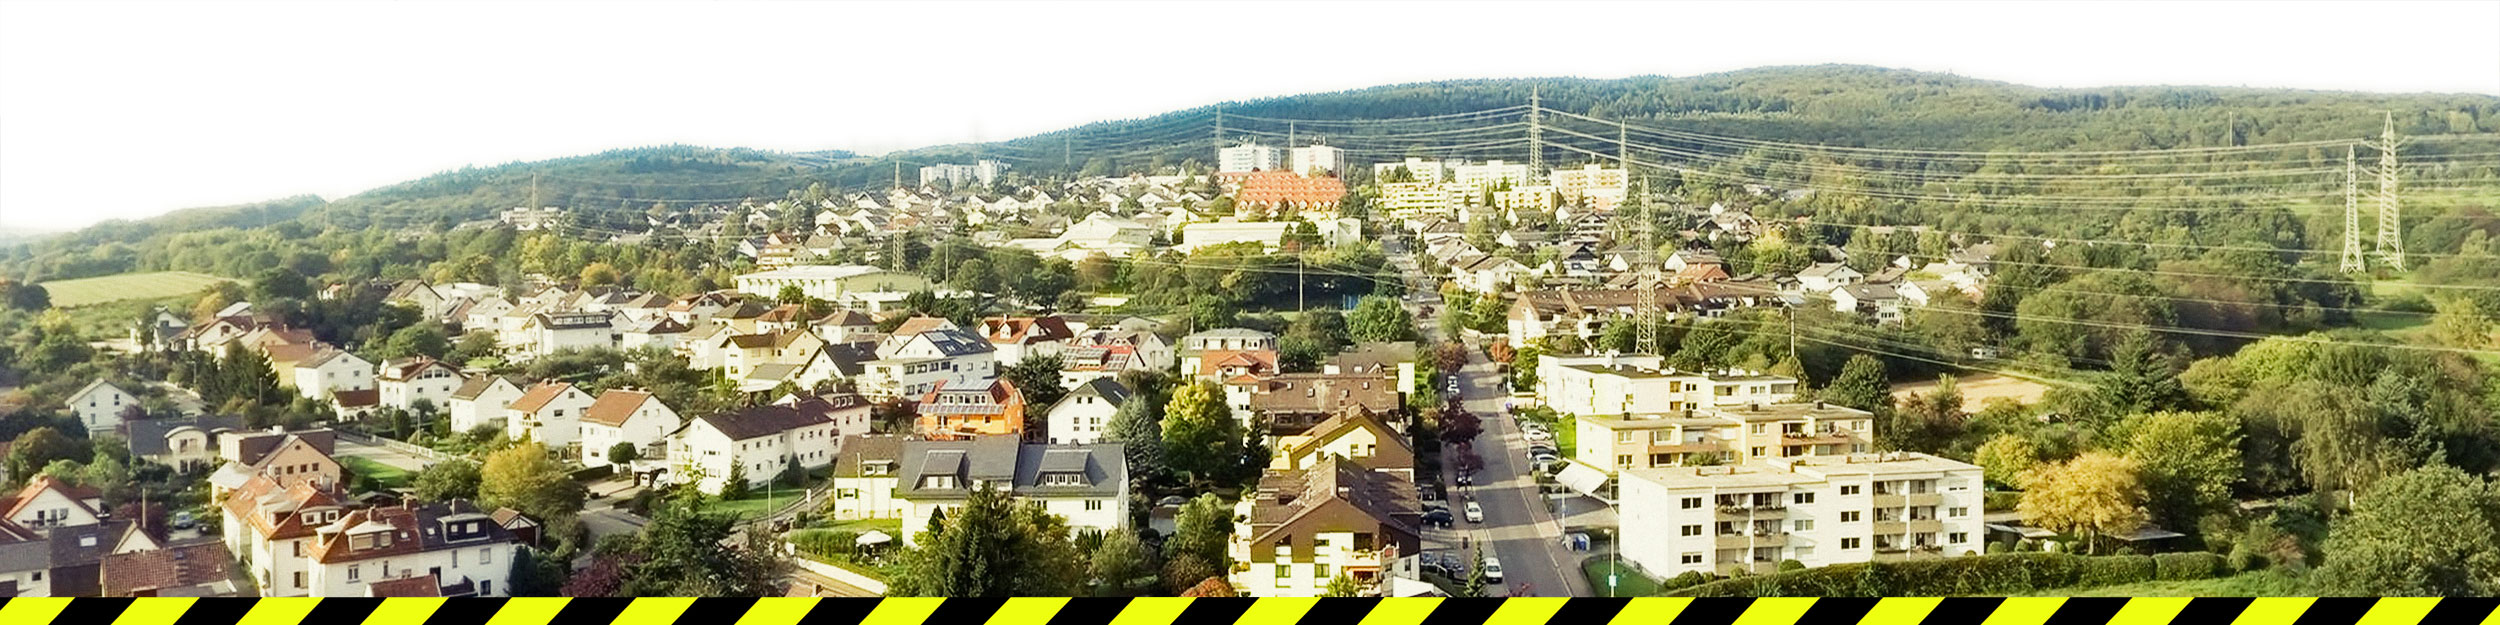 BI.Niedernhausen.Eppstein e.V.